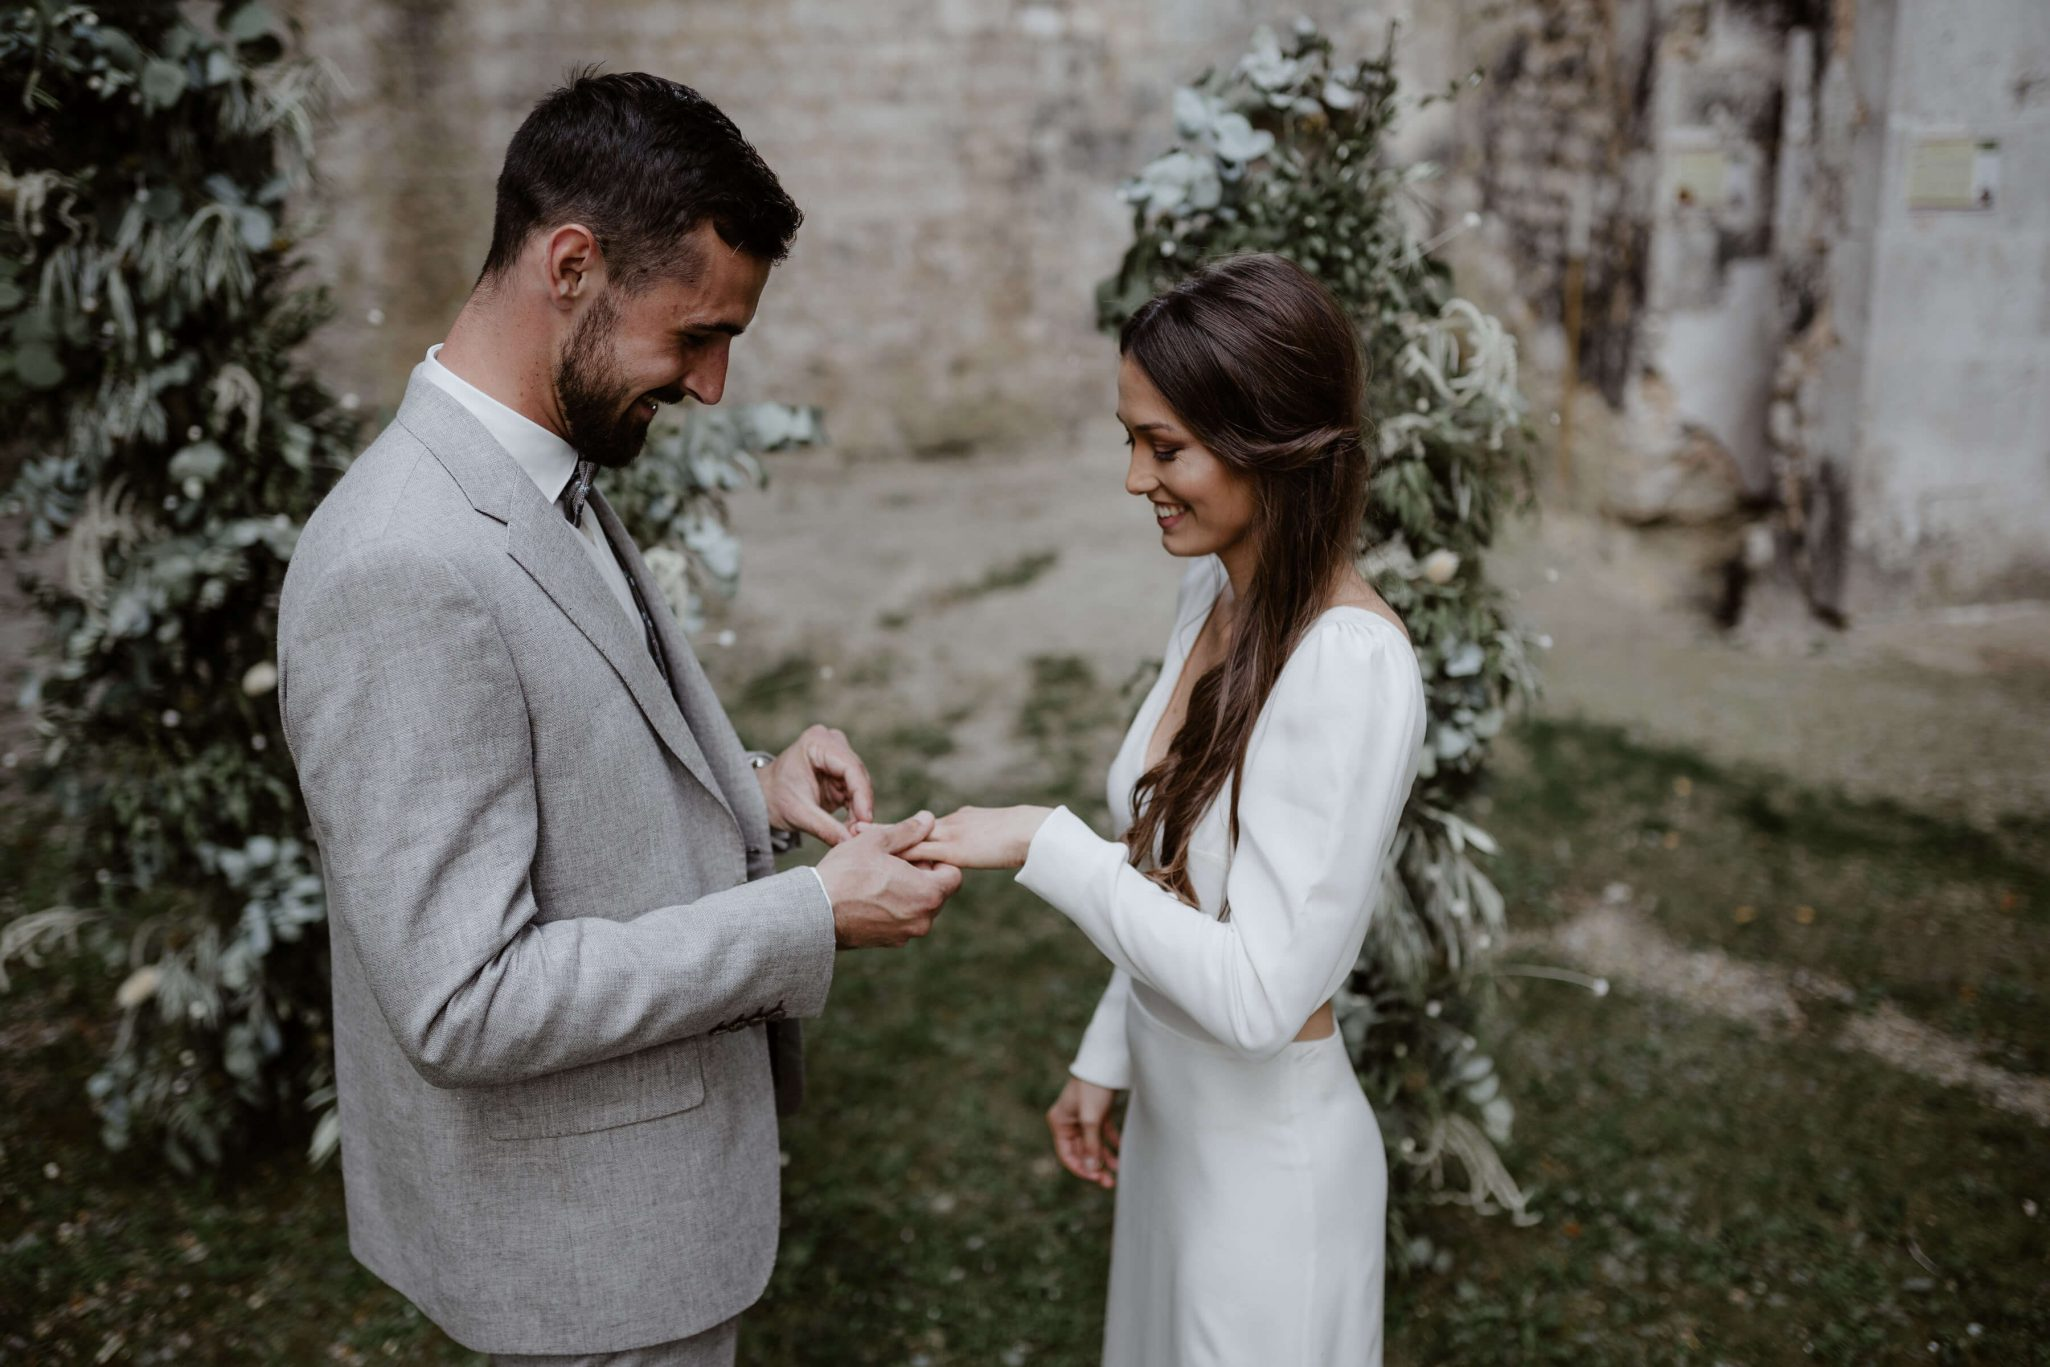 mariage_ceremonie_engagement_laique_nature